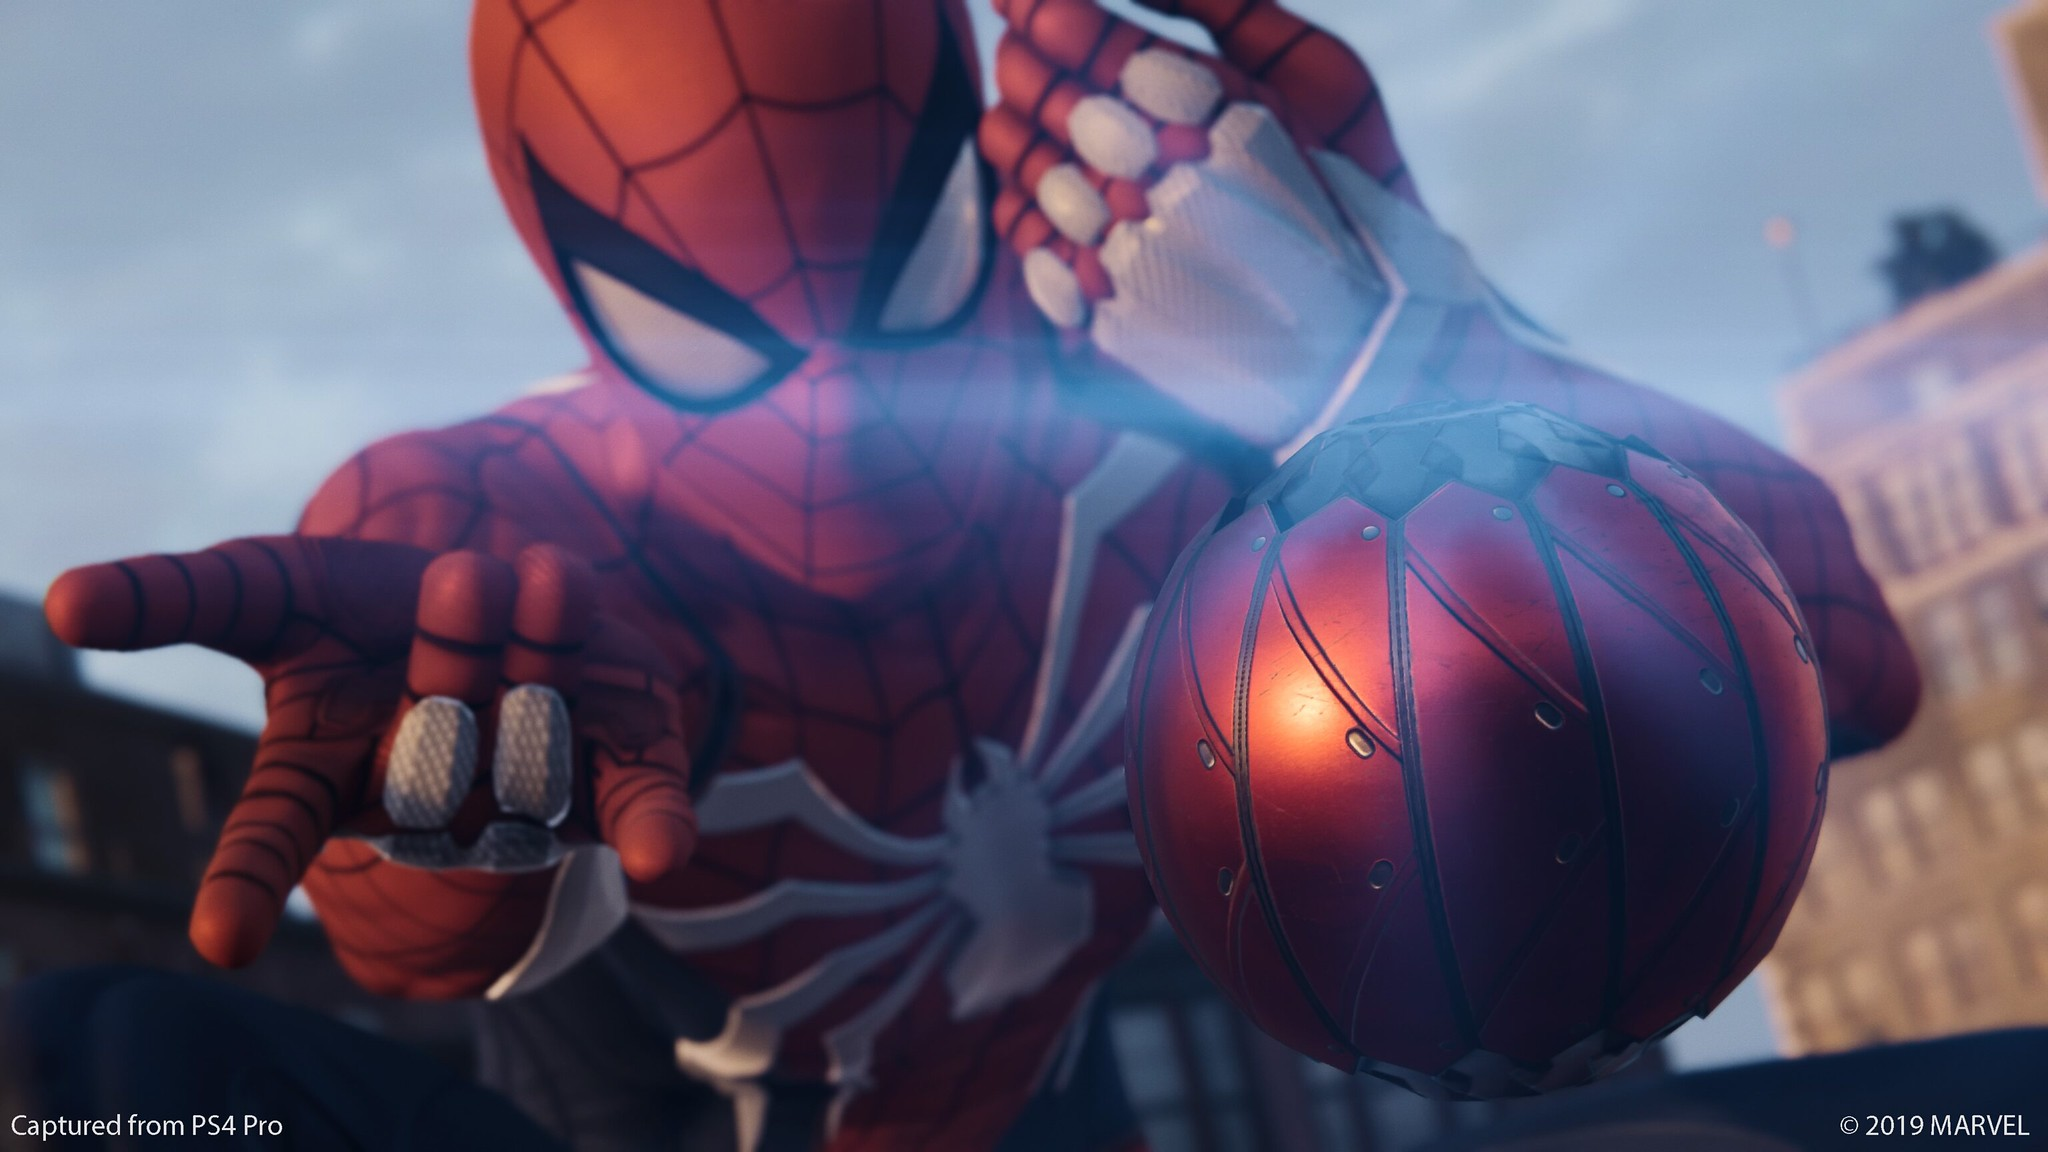 48602742647 338f4cdfe9 k - So macht ihr mehr Fotos von Spider-Man in Marvel's Spider-Man für PS4